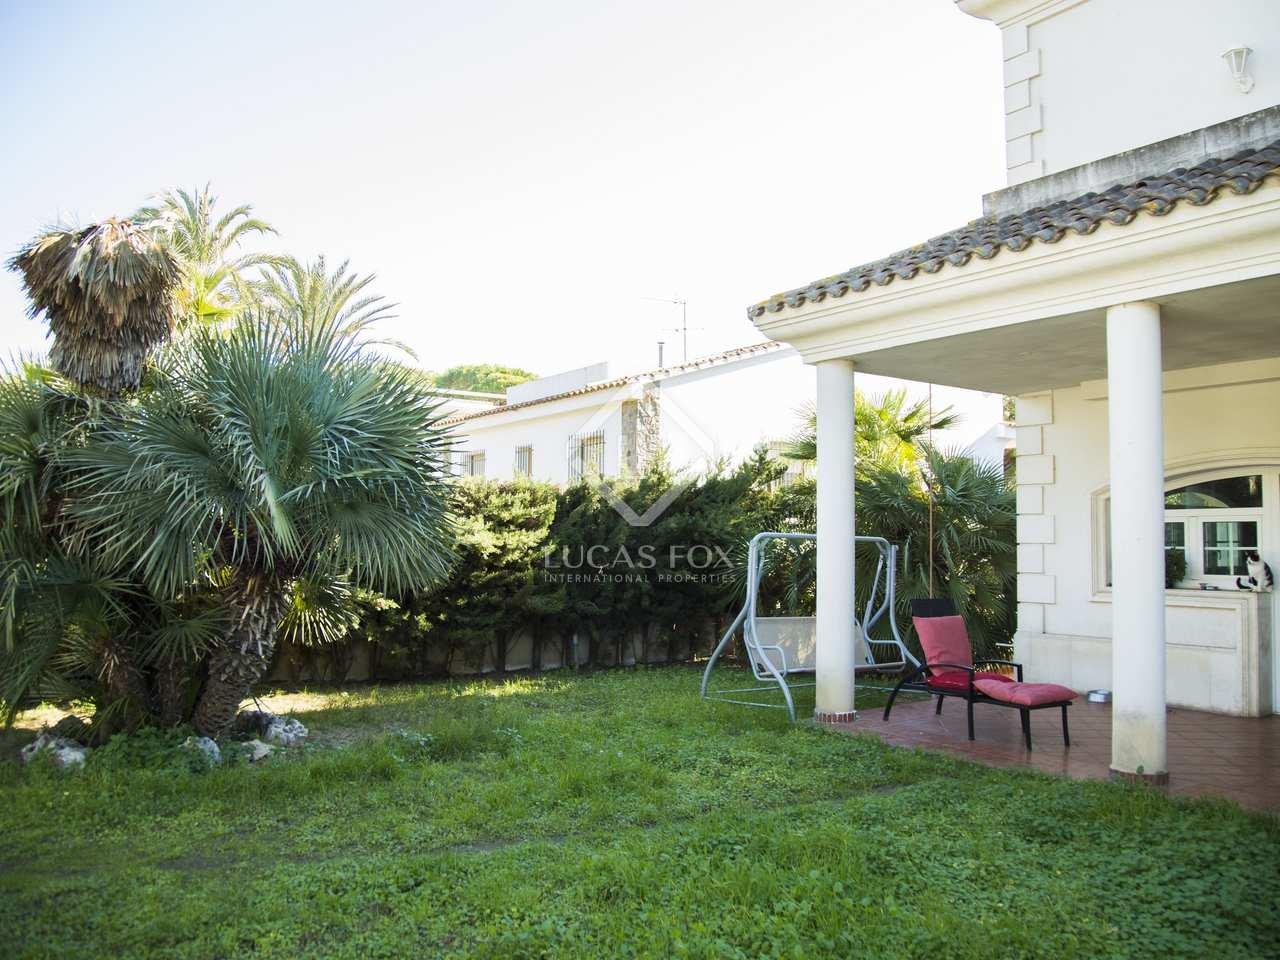 Casa de lujo de 694m con 6 terrazas en venta en gav mar for Terrazas 1280 a